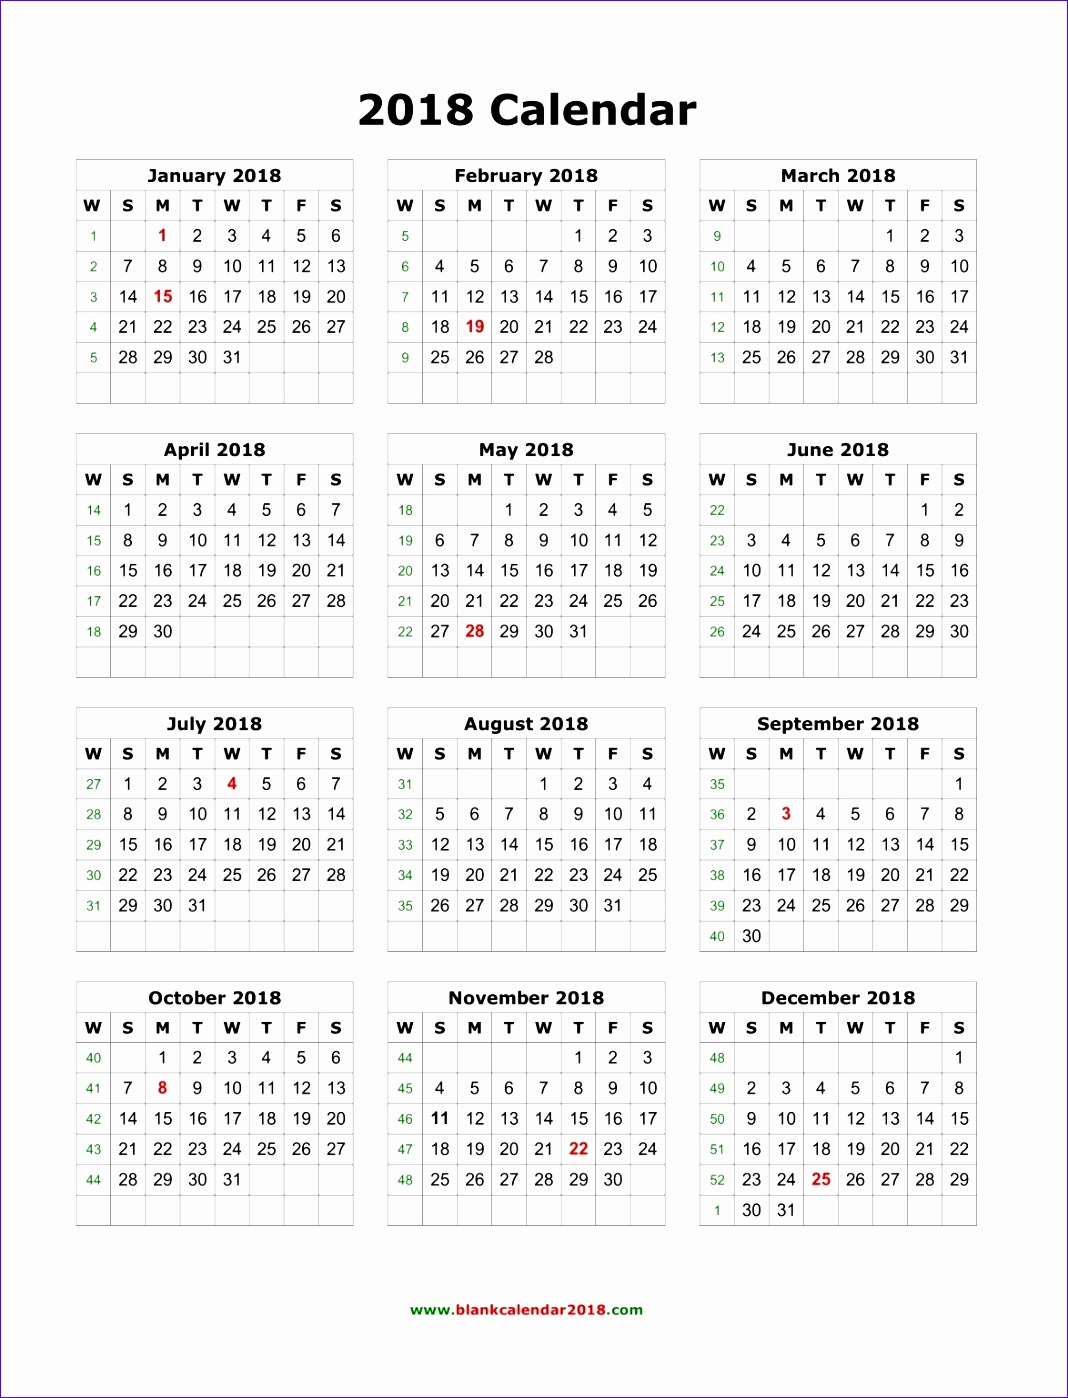 blank calendar 2018 3895